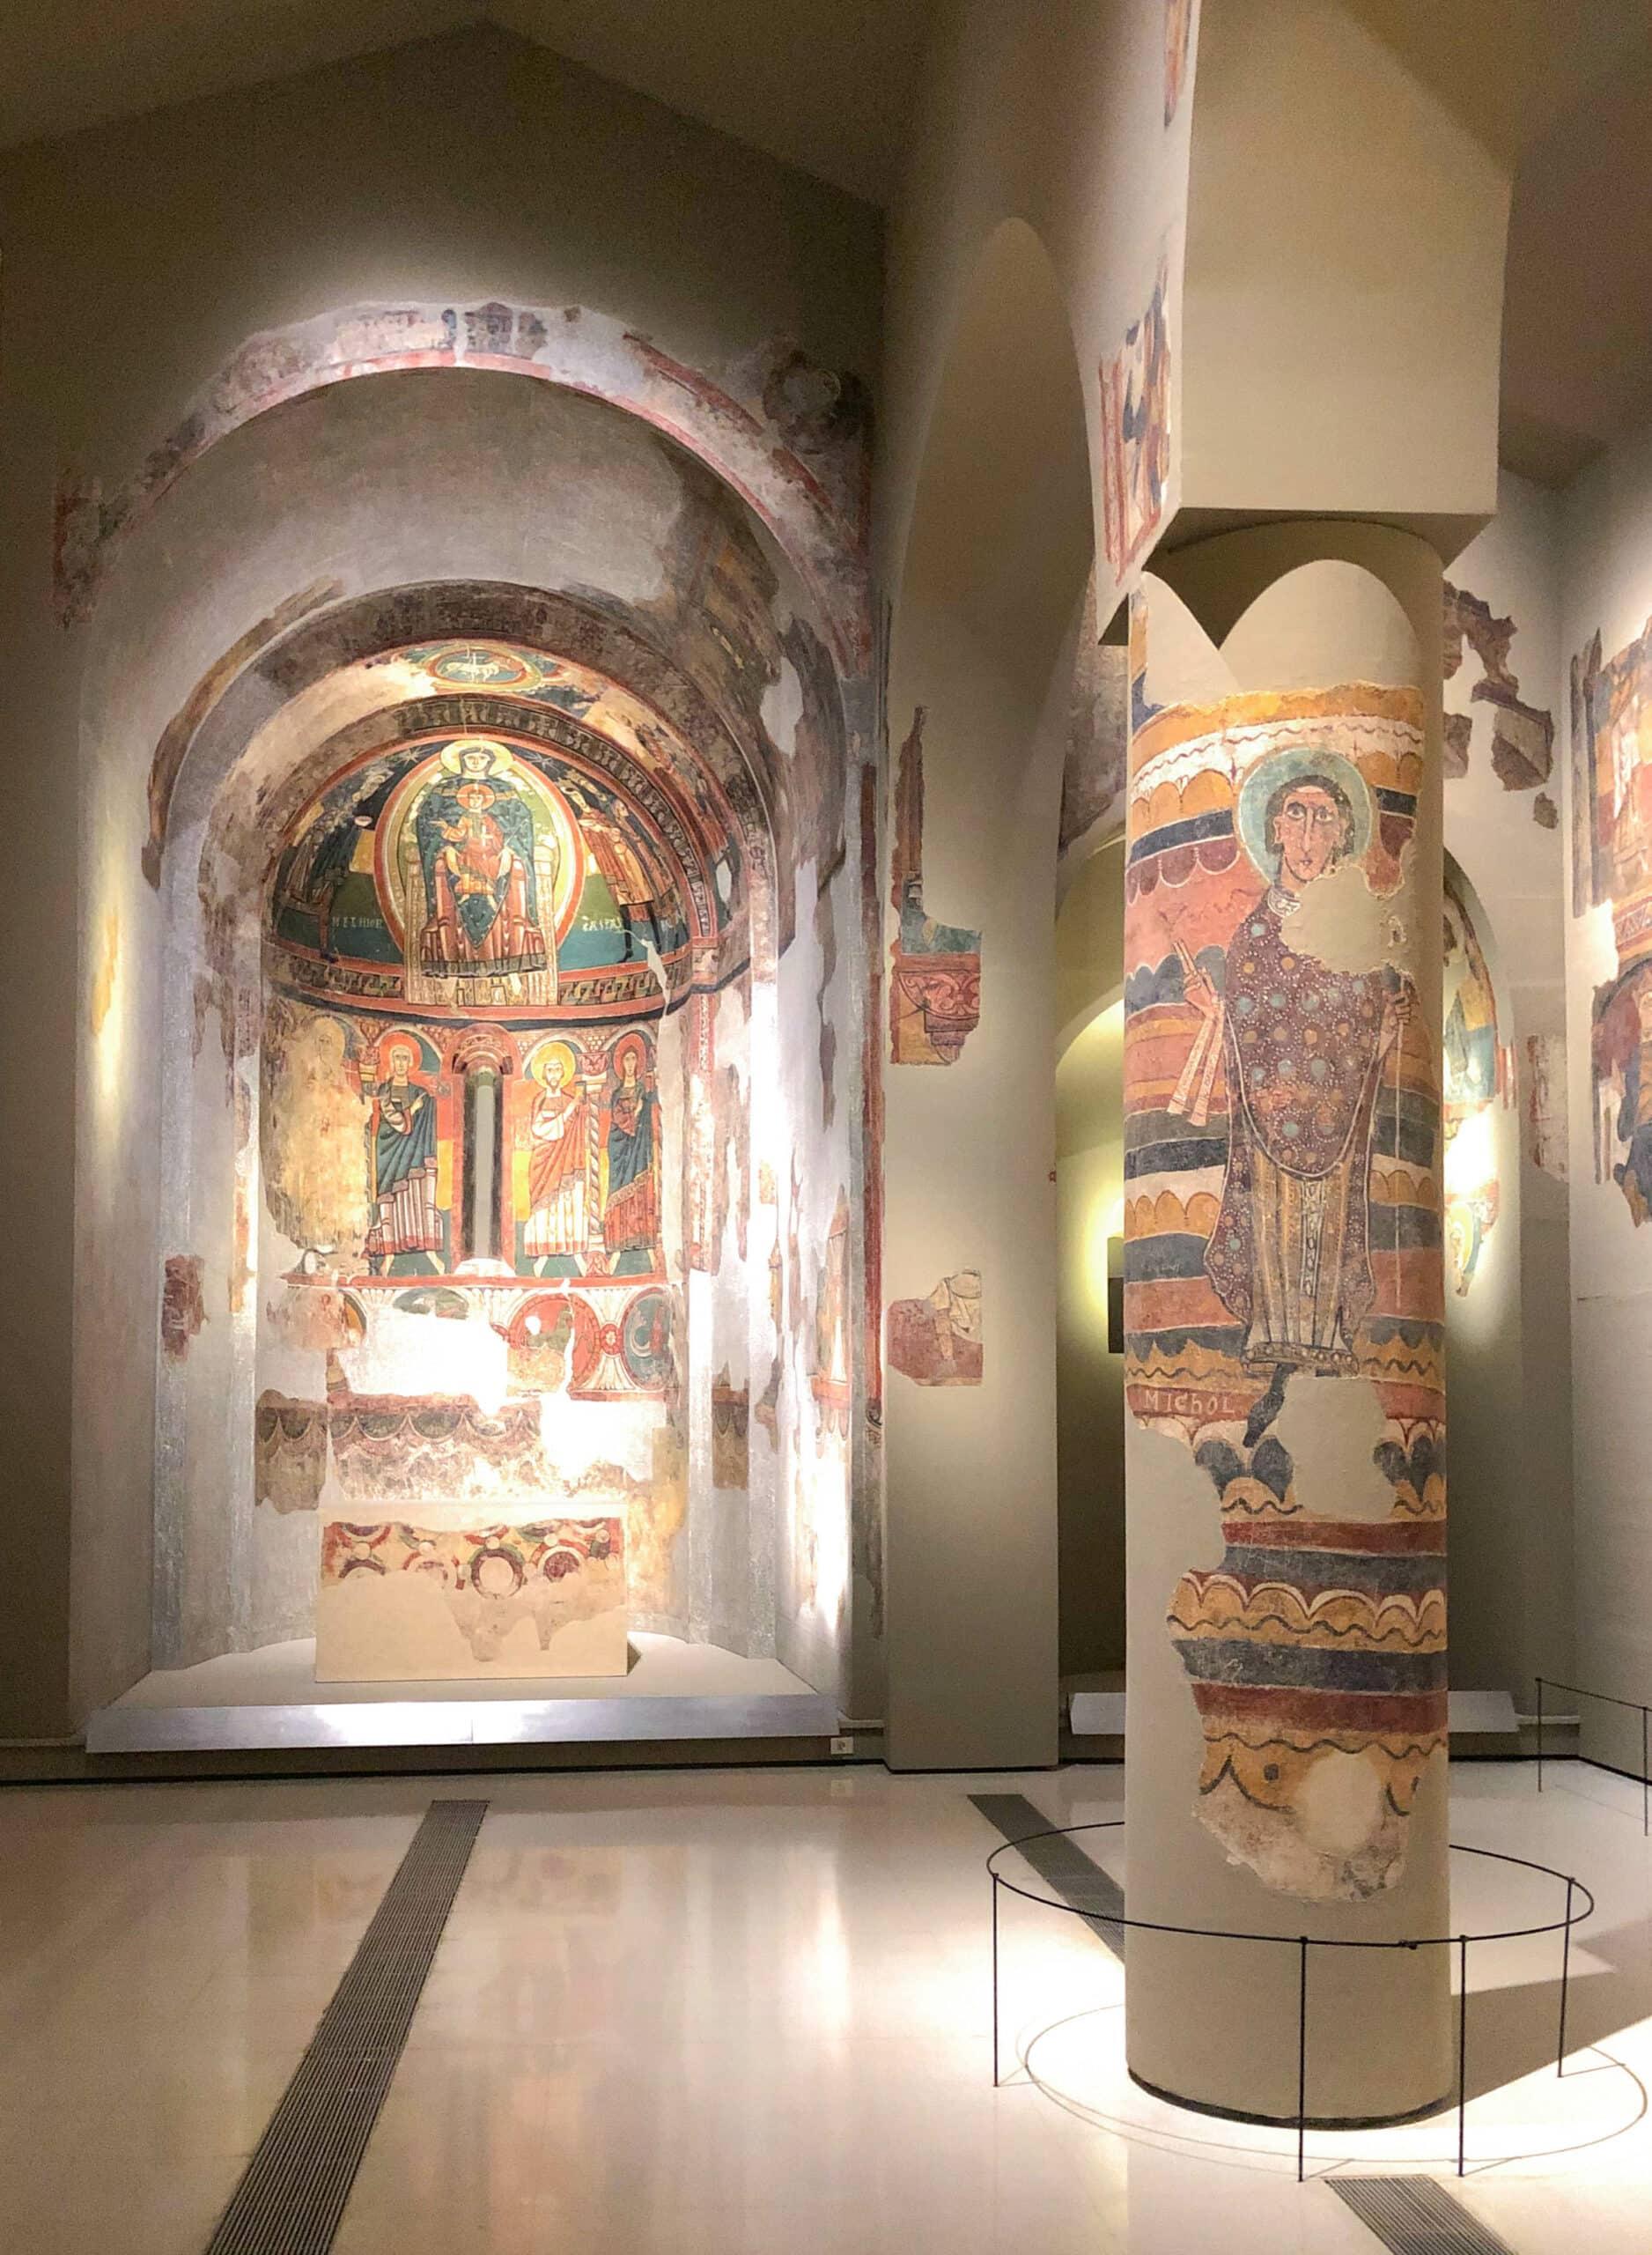 Apsis von Santa Maria de Taüll, Meister von Santa Maria de Taüll, ca. 1123, Museu National d'Art de Catalunya